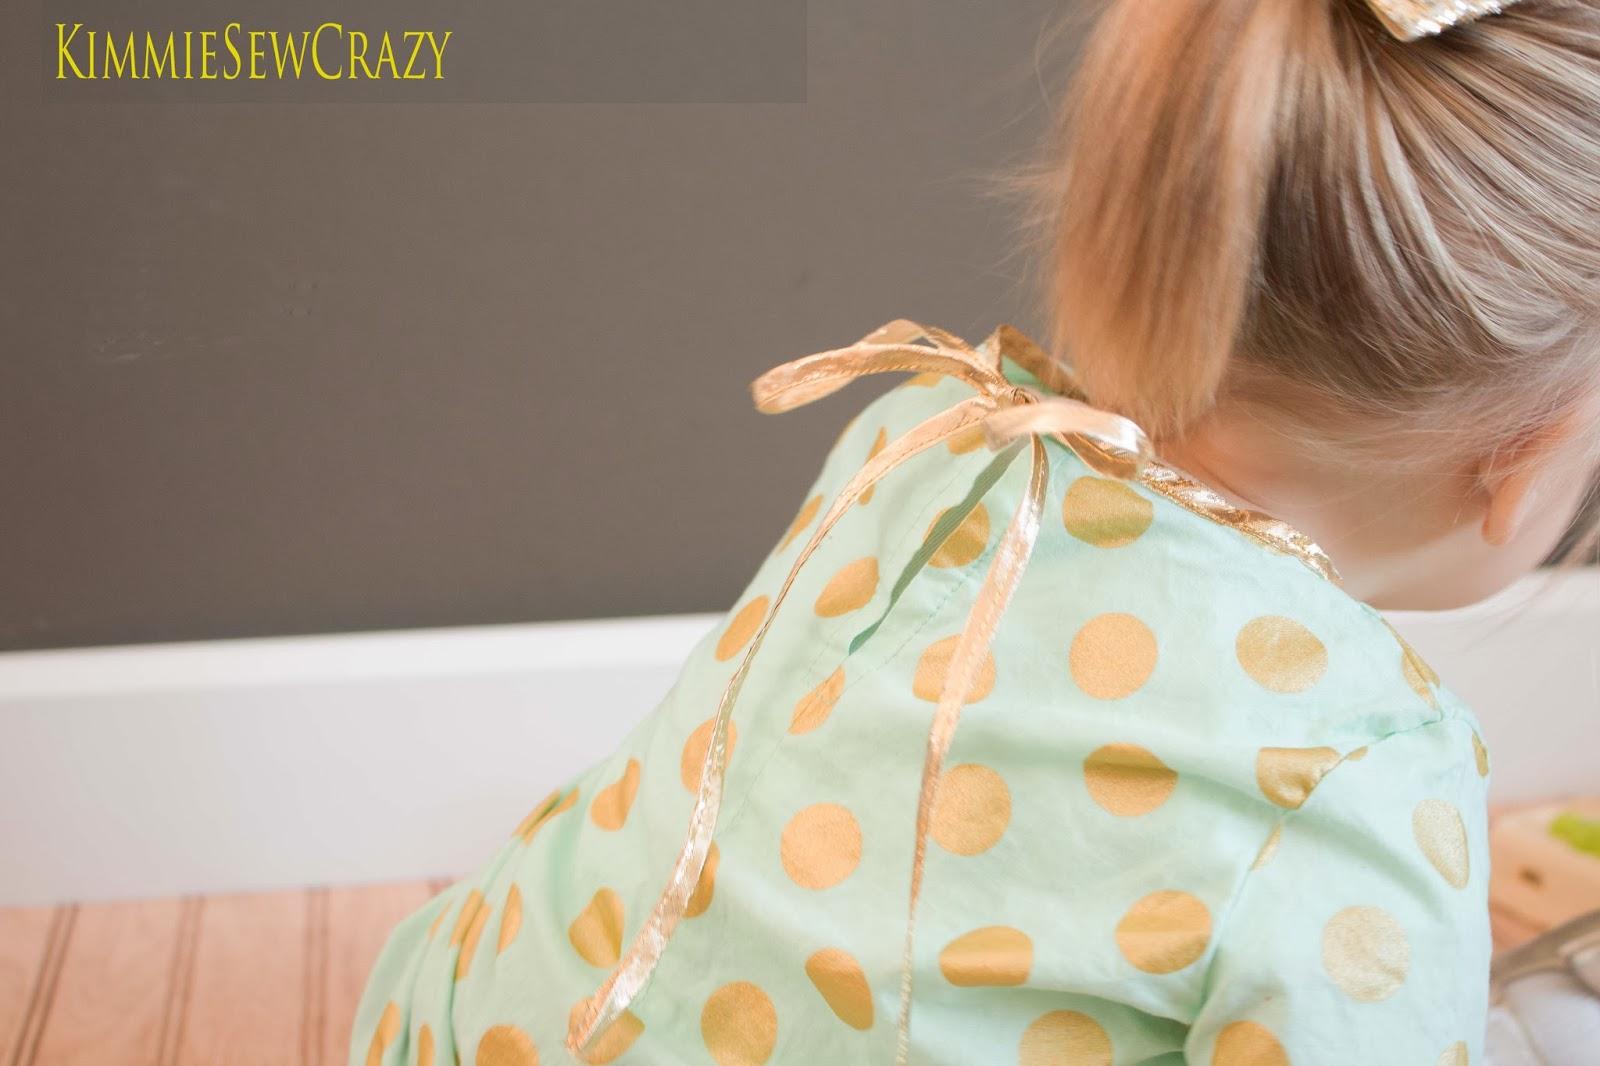 kimmiesewcrazy.blogspot.com